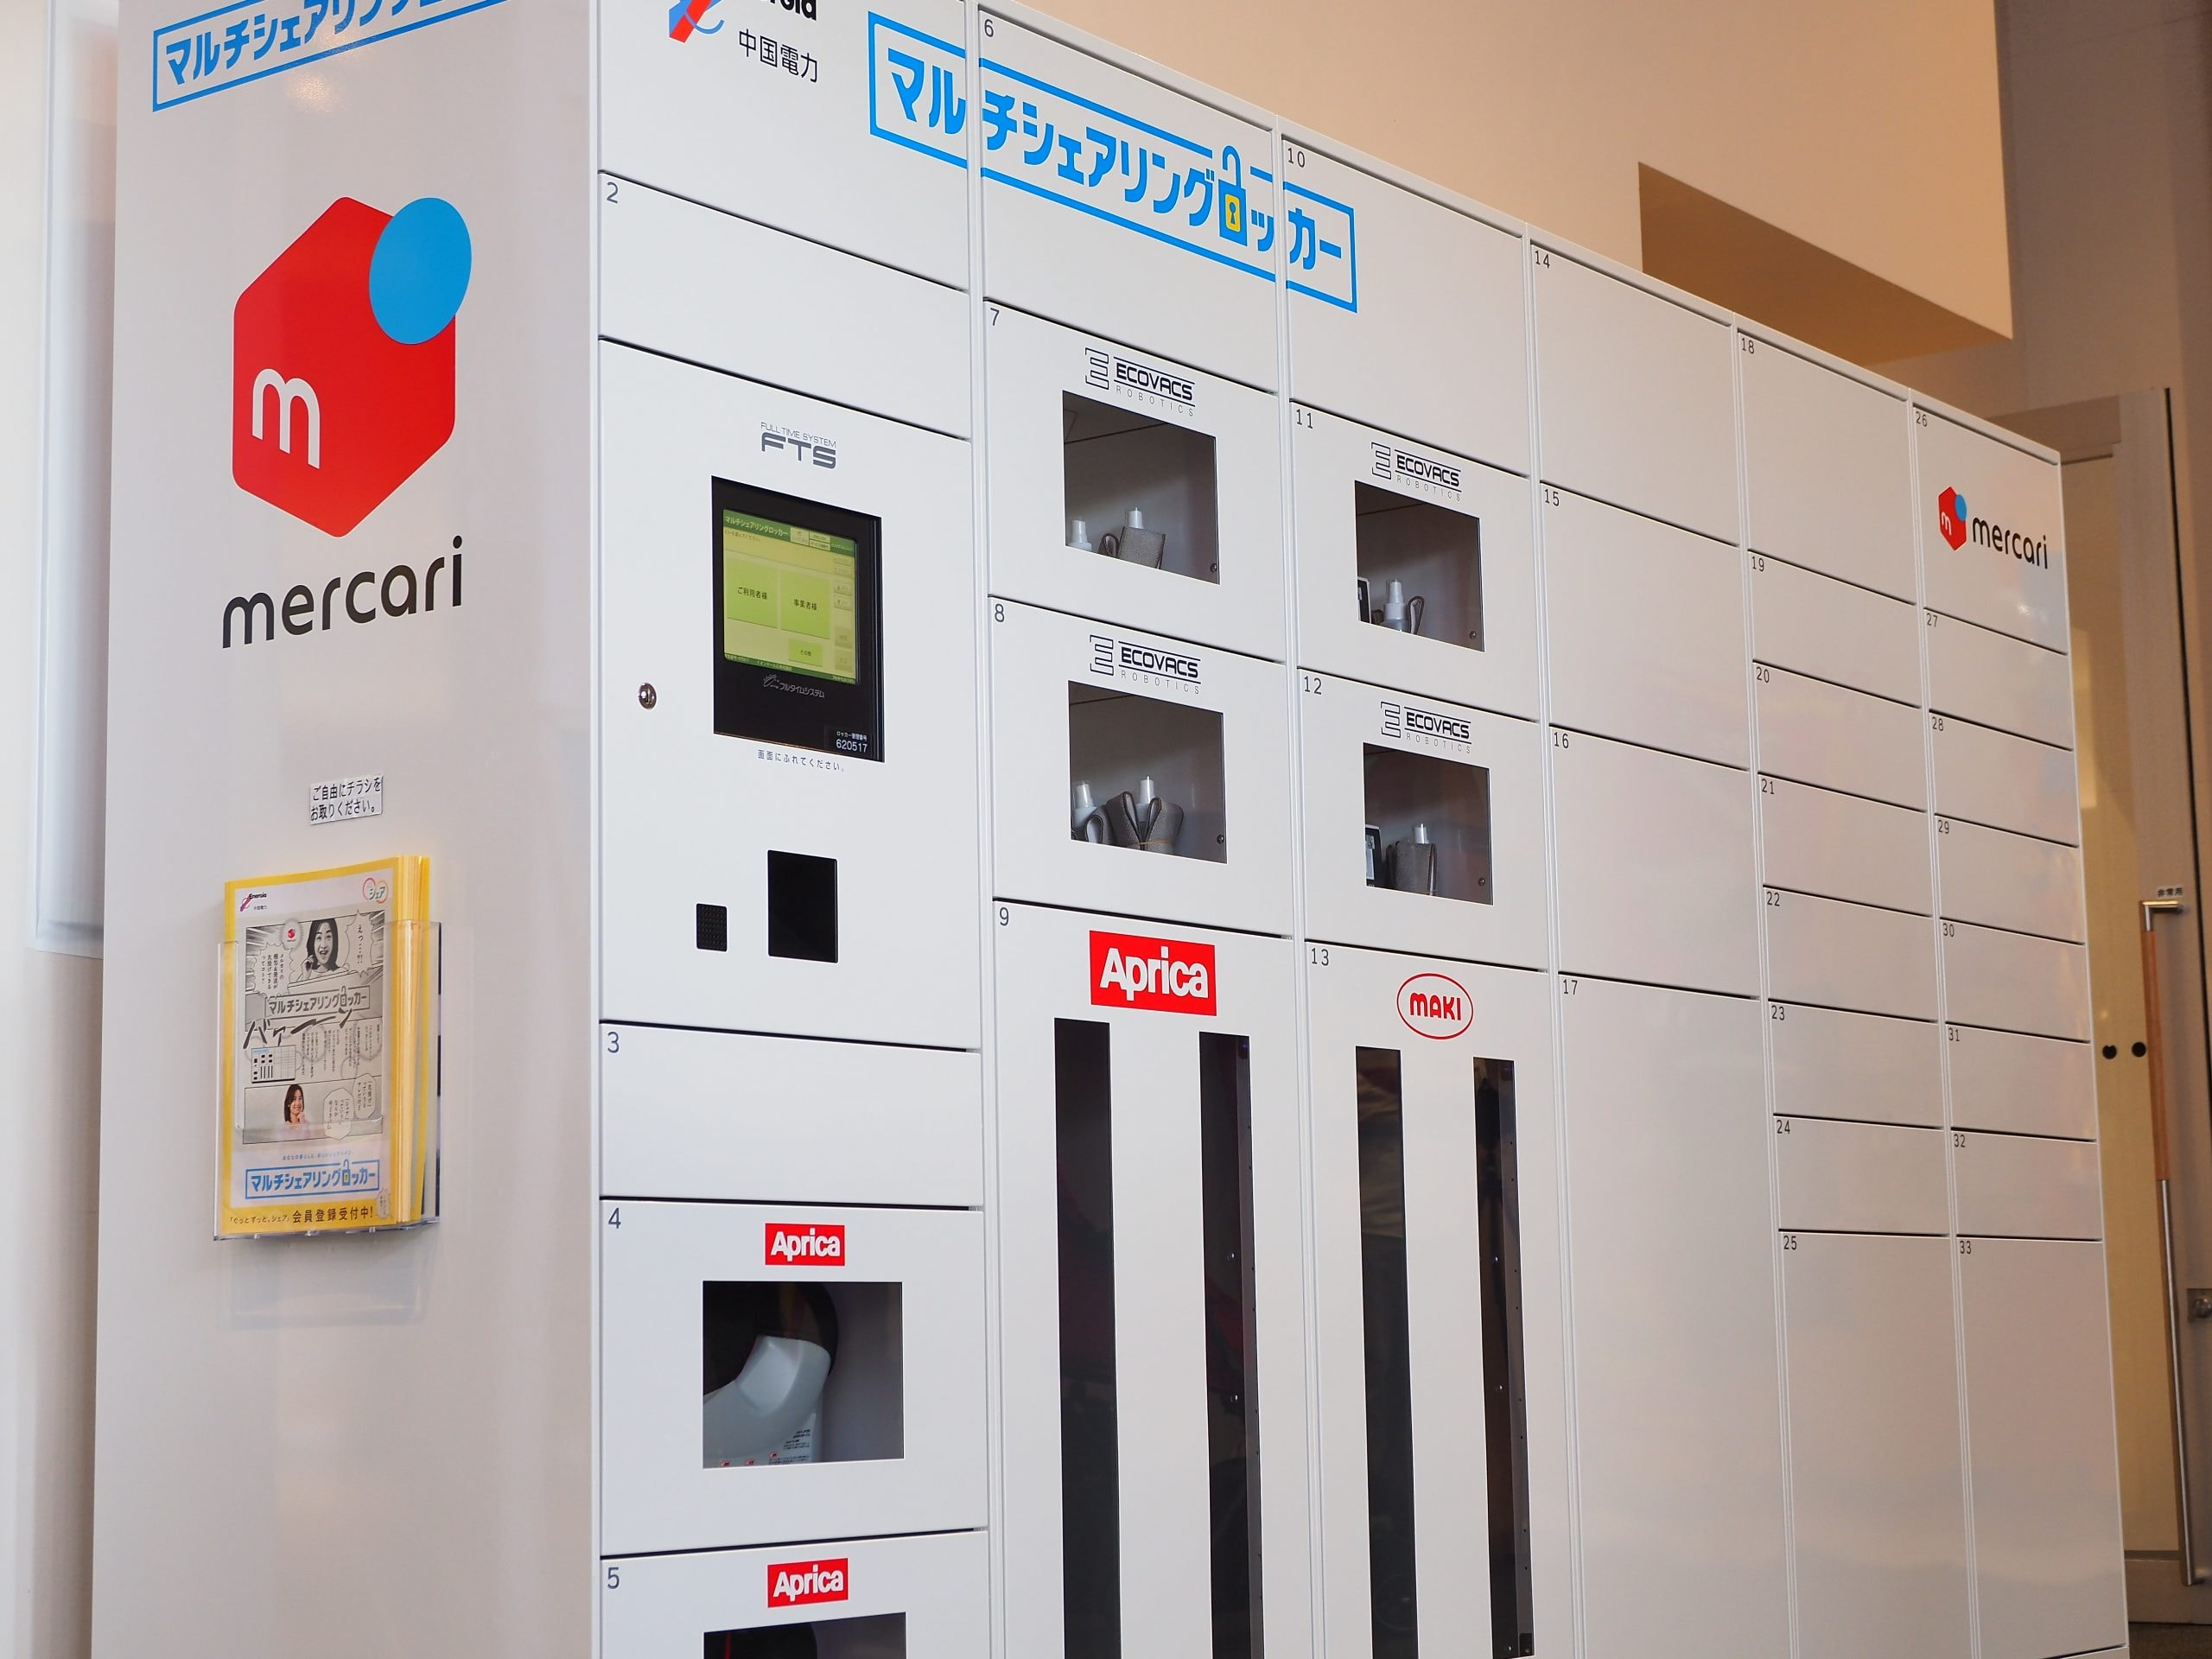 【国内初】イオンモール広島祇園にてメルカリが梱包・発送を代行する実証実験を開始しました!